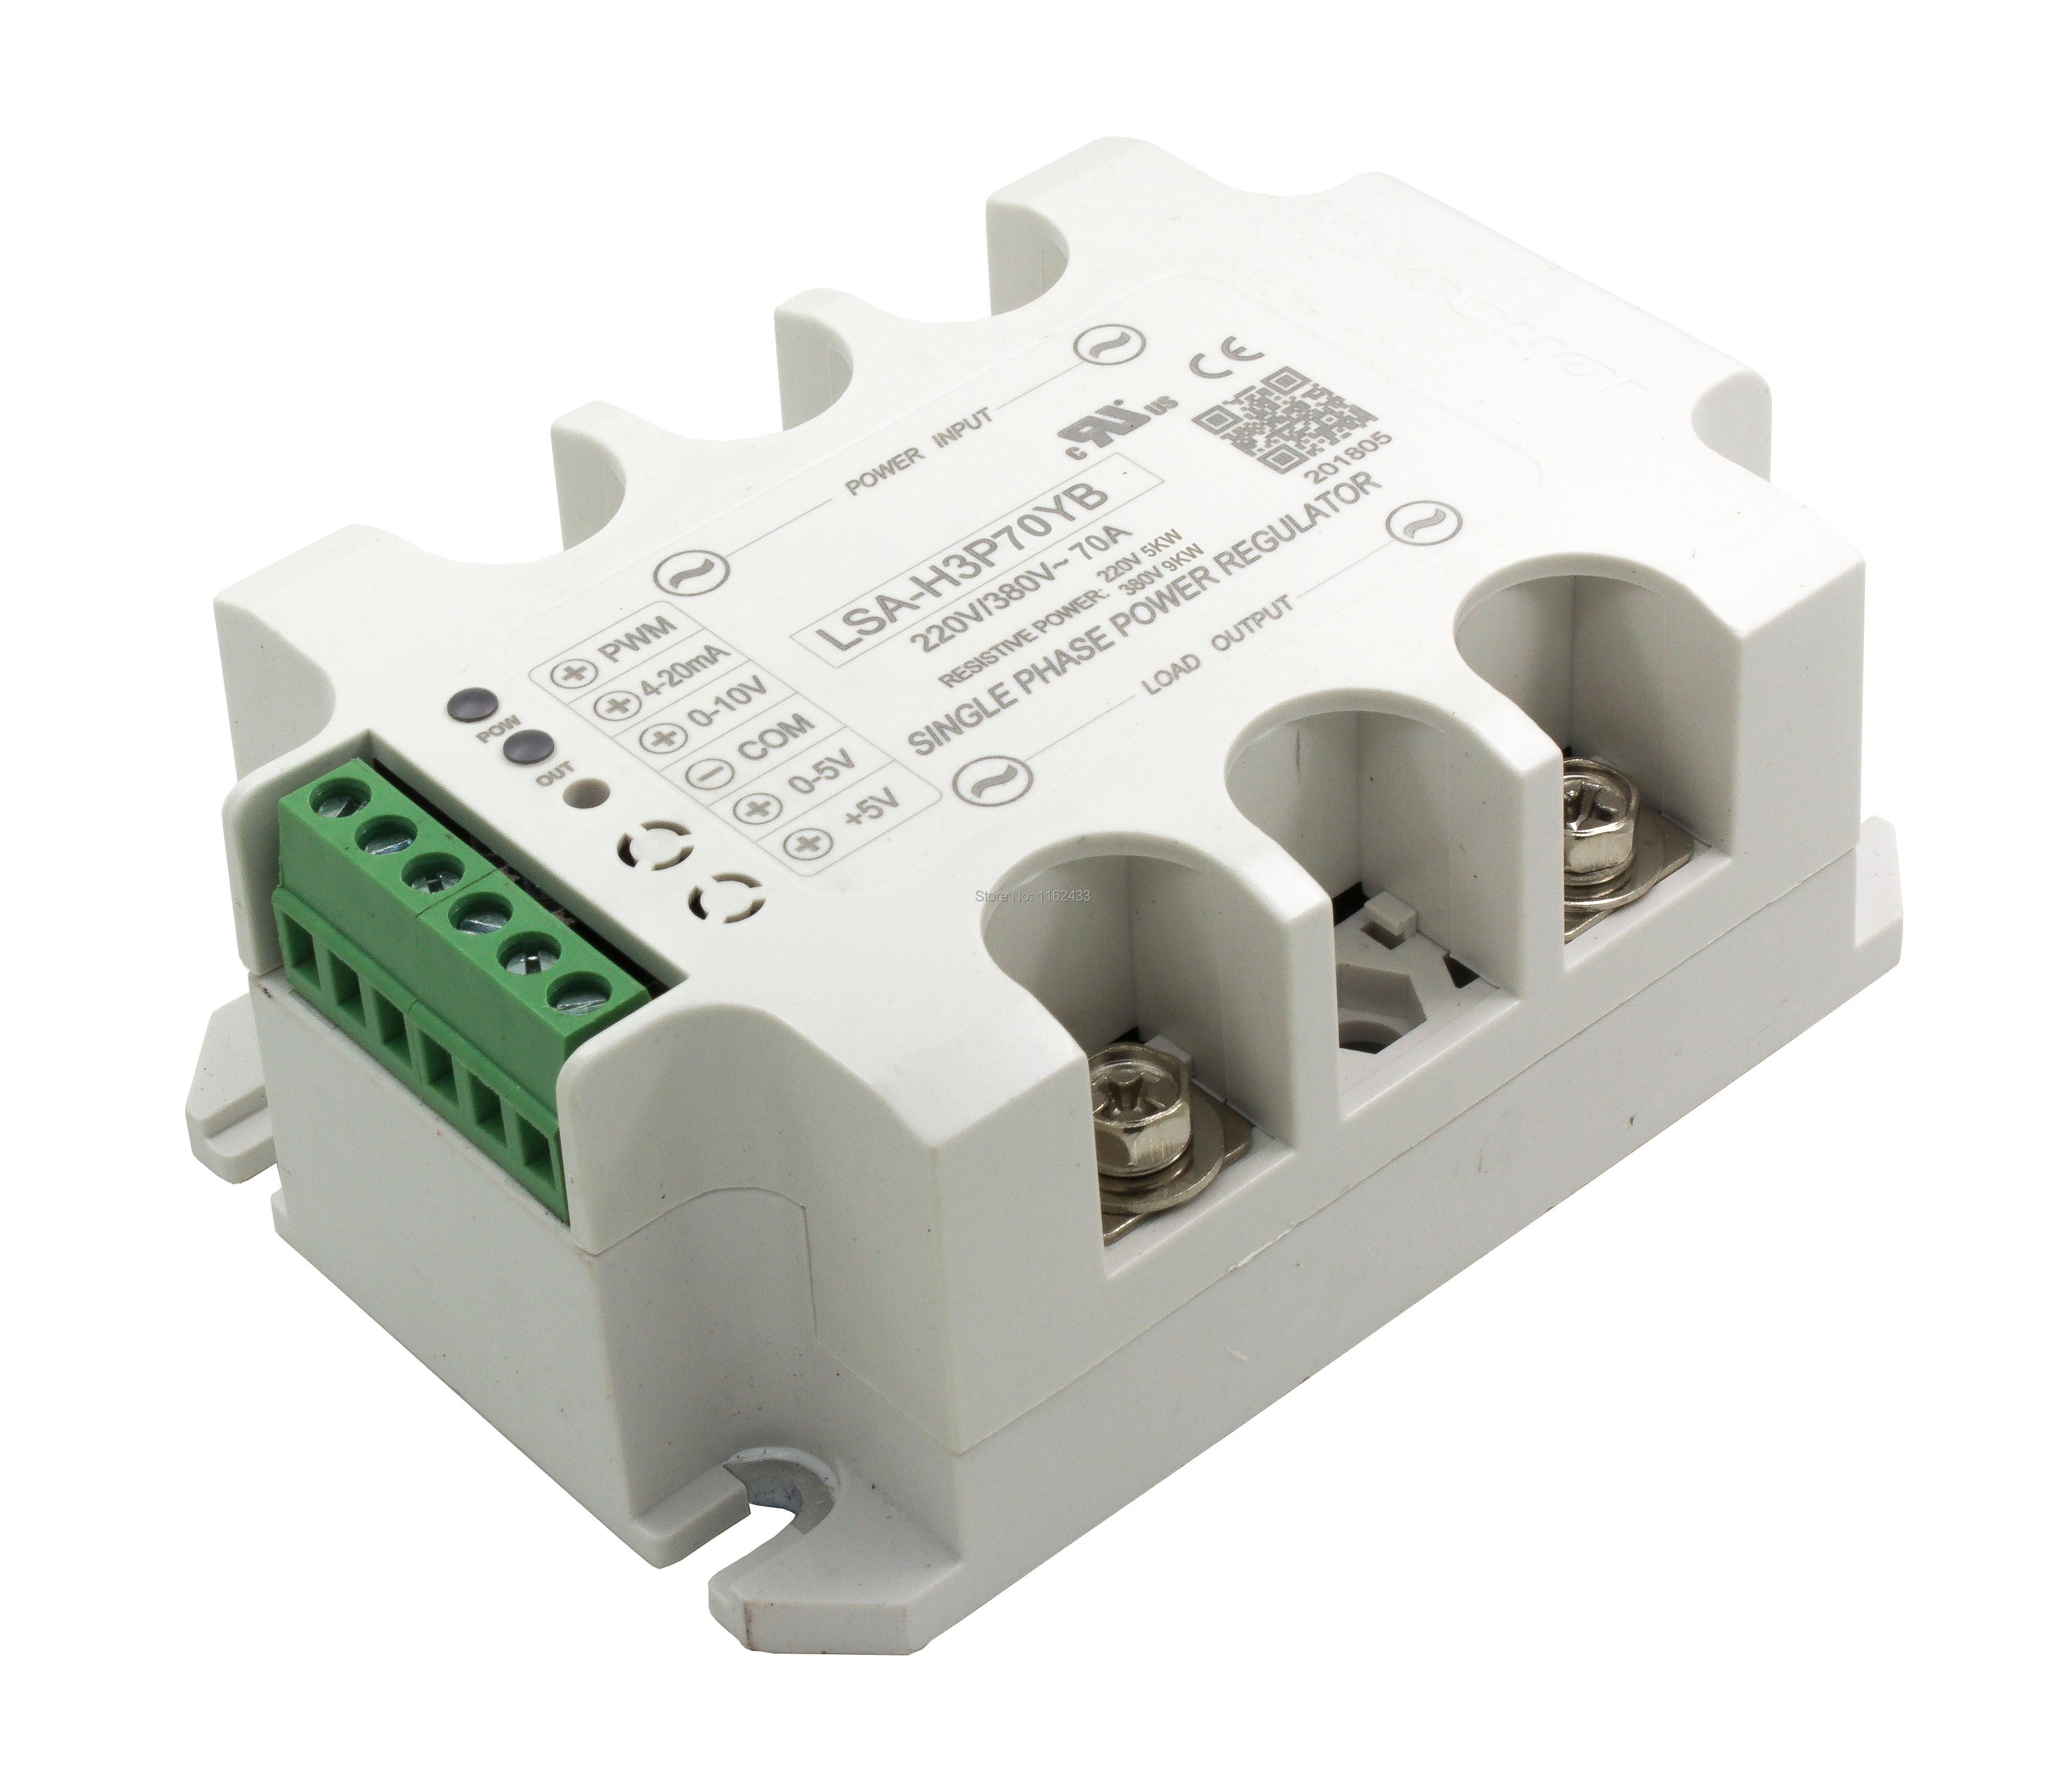 LSA-H3P70YB Single Phase AC 70A 220V/380V Solid State Voltage Regulator / Power Regulator Module